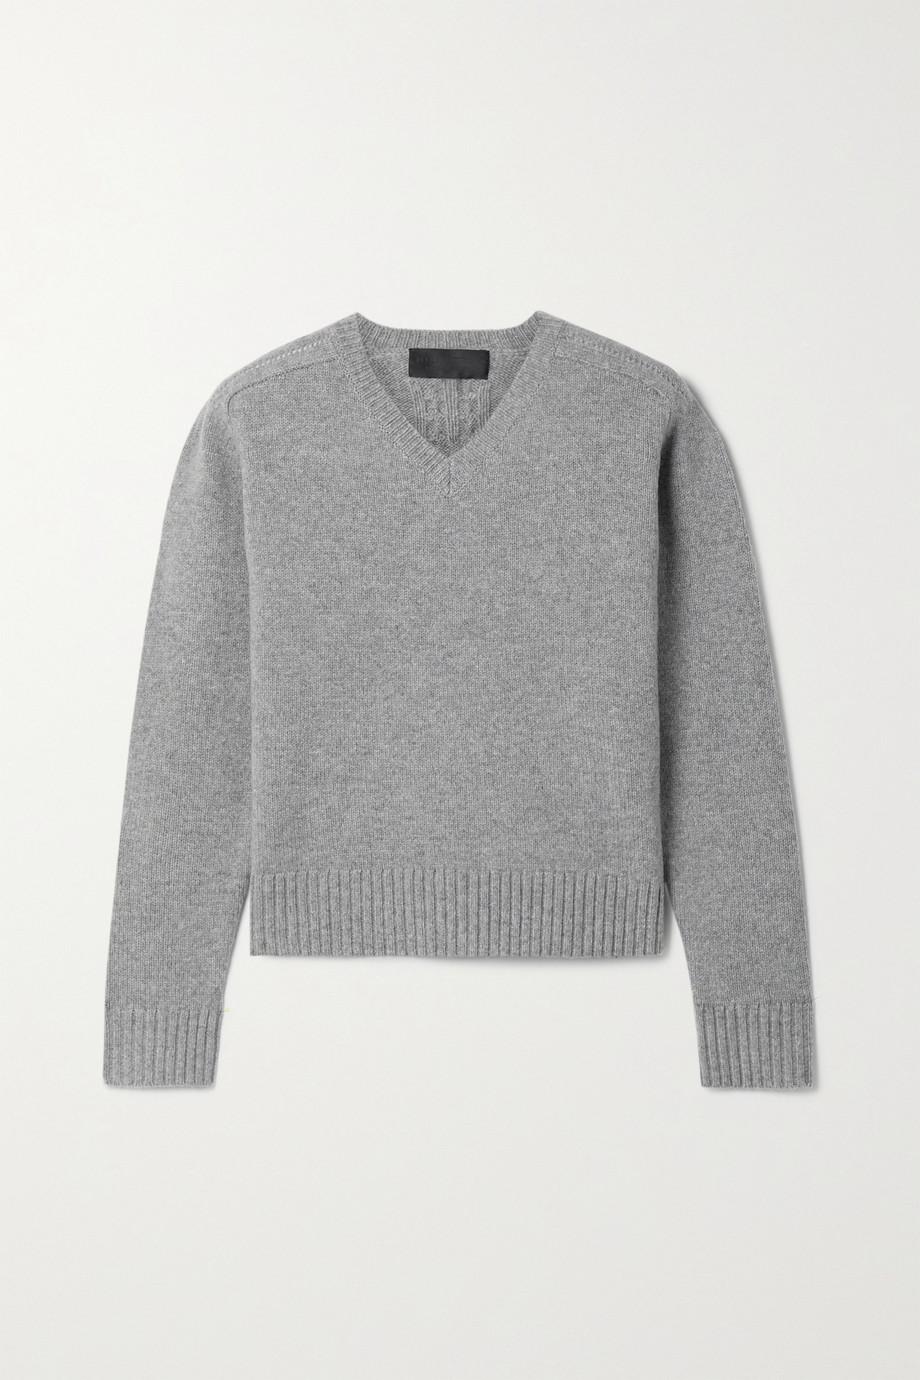 Nili Lotan Isadora merino wool sweater